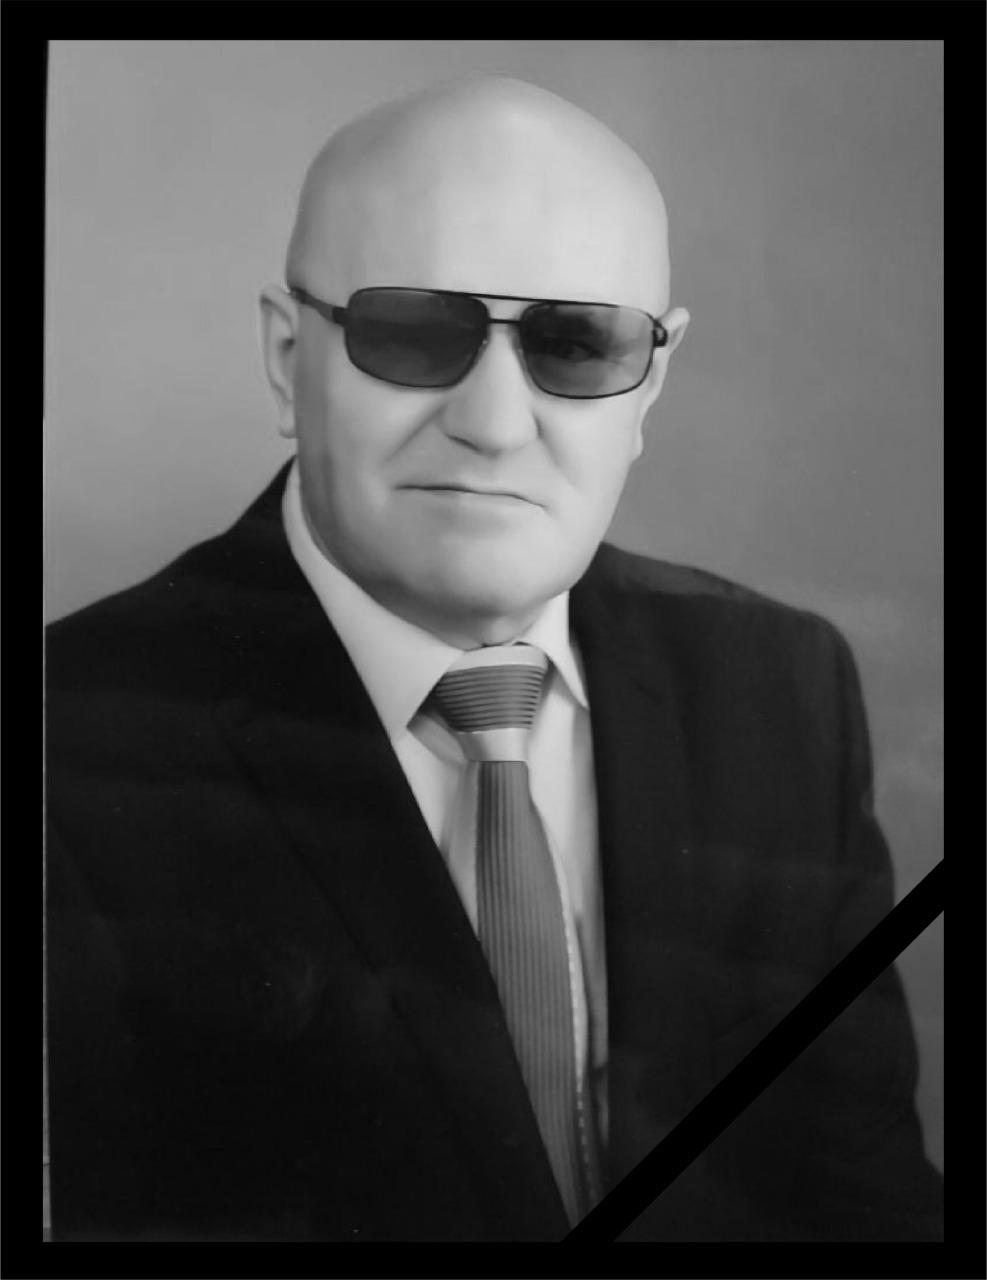 ПКР выражает глубокие соболезнования родным и близким Заслуженного тренера России, тренера по лыжным гонкам, а также лёгкой атлетике спорта слепых В.И. Замятина